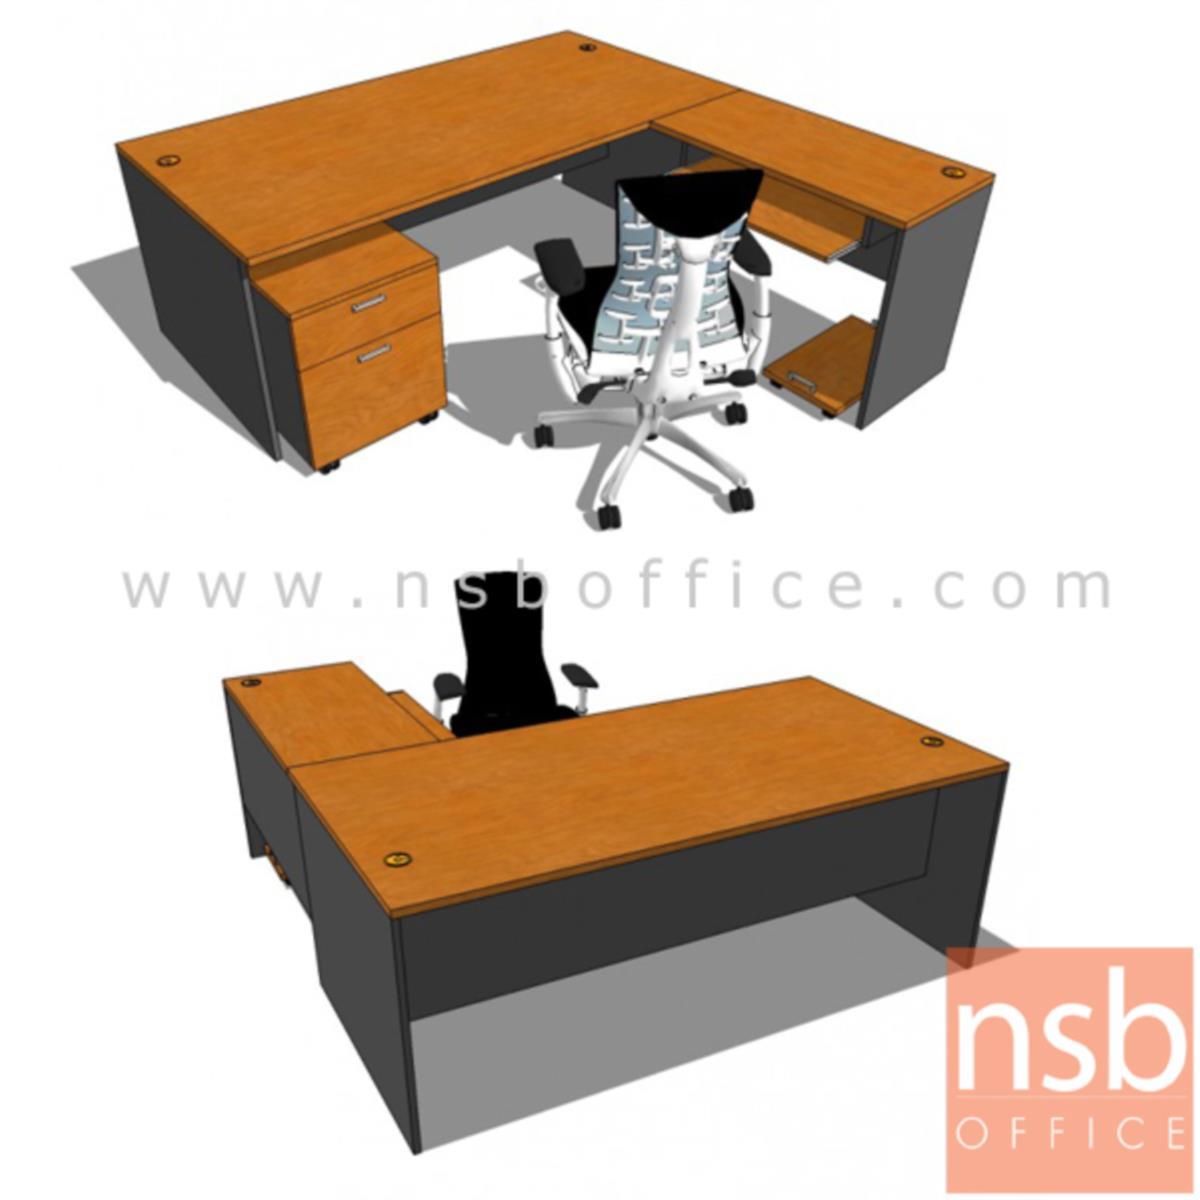 โต๊ะผู้บริหารตัวแอล  รุ่น Rebels (เรเบลส์) ขนาด 200W cm.  พร้อมตู้ลิ้นชัก คีย์บอร์ดและที่วางซีพียู